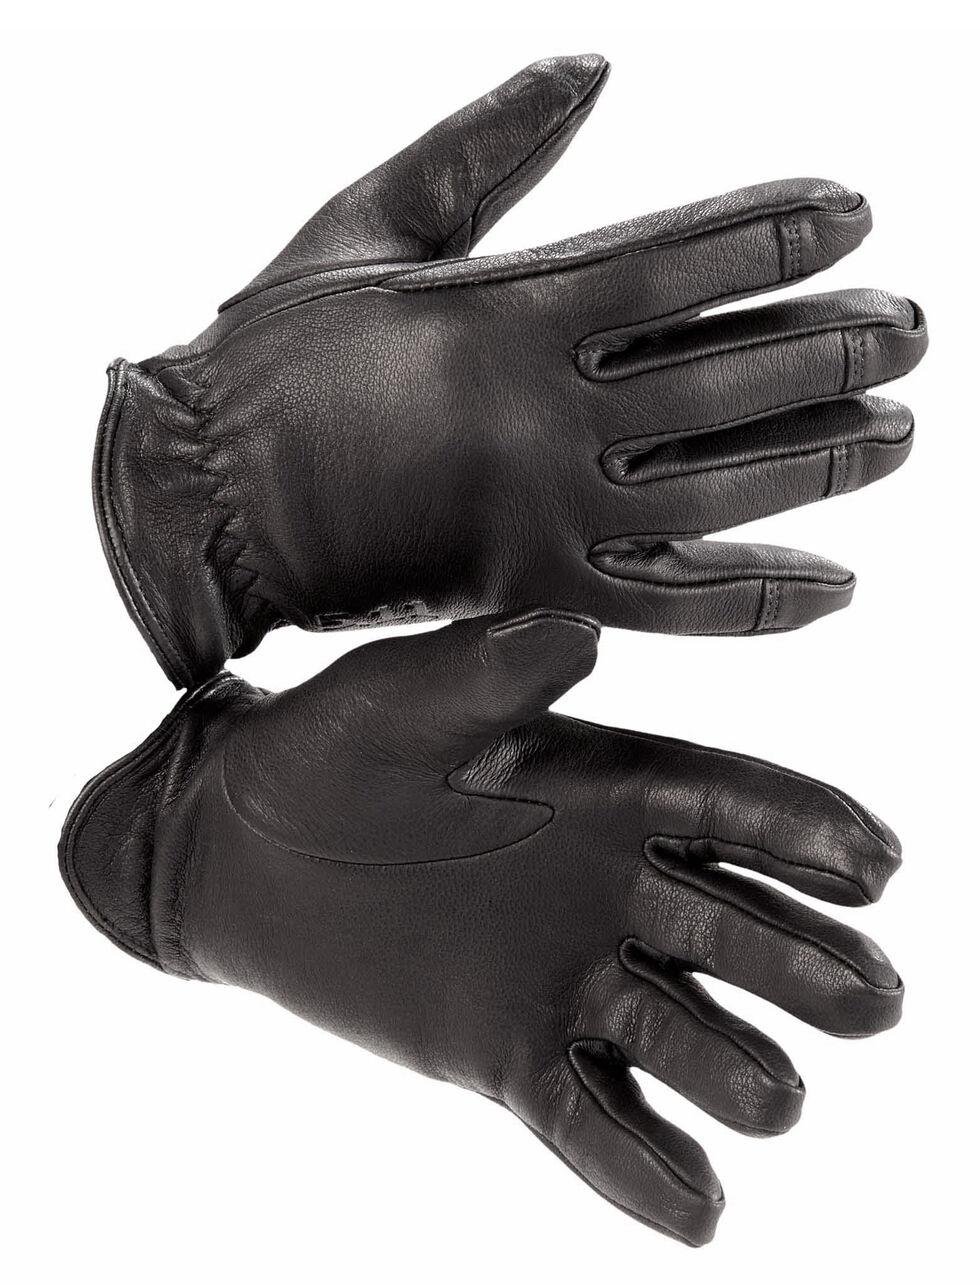 5.11 Tactical Praetorian 2 Gloves, Black, hi-res